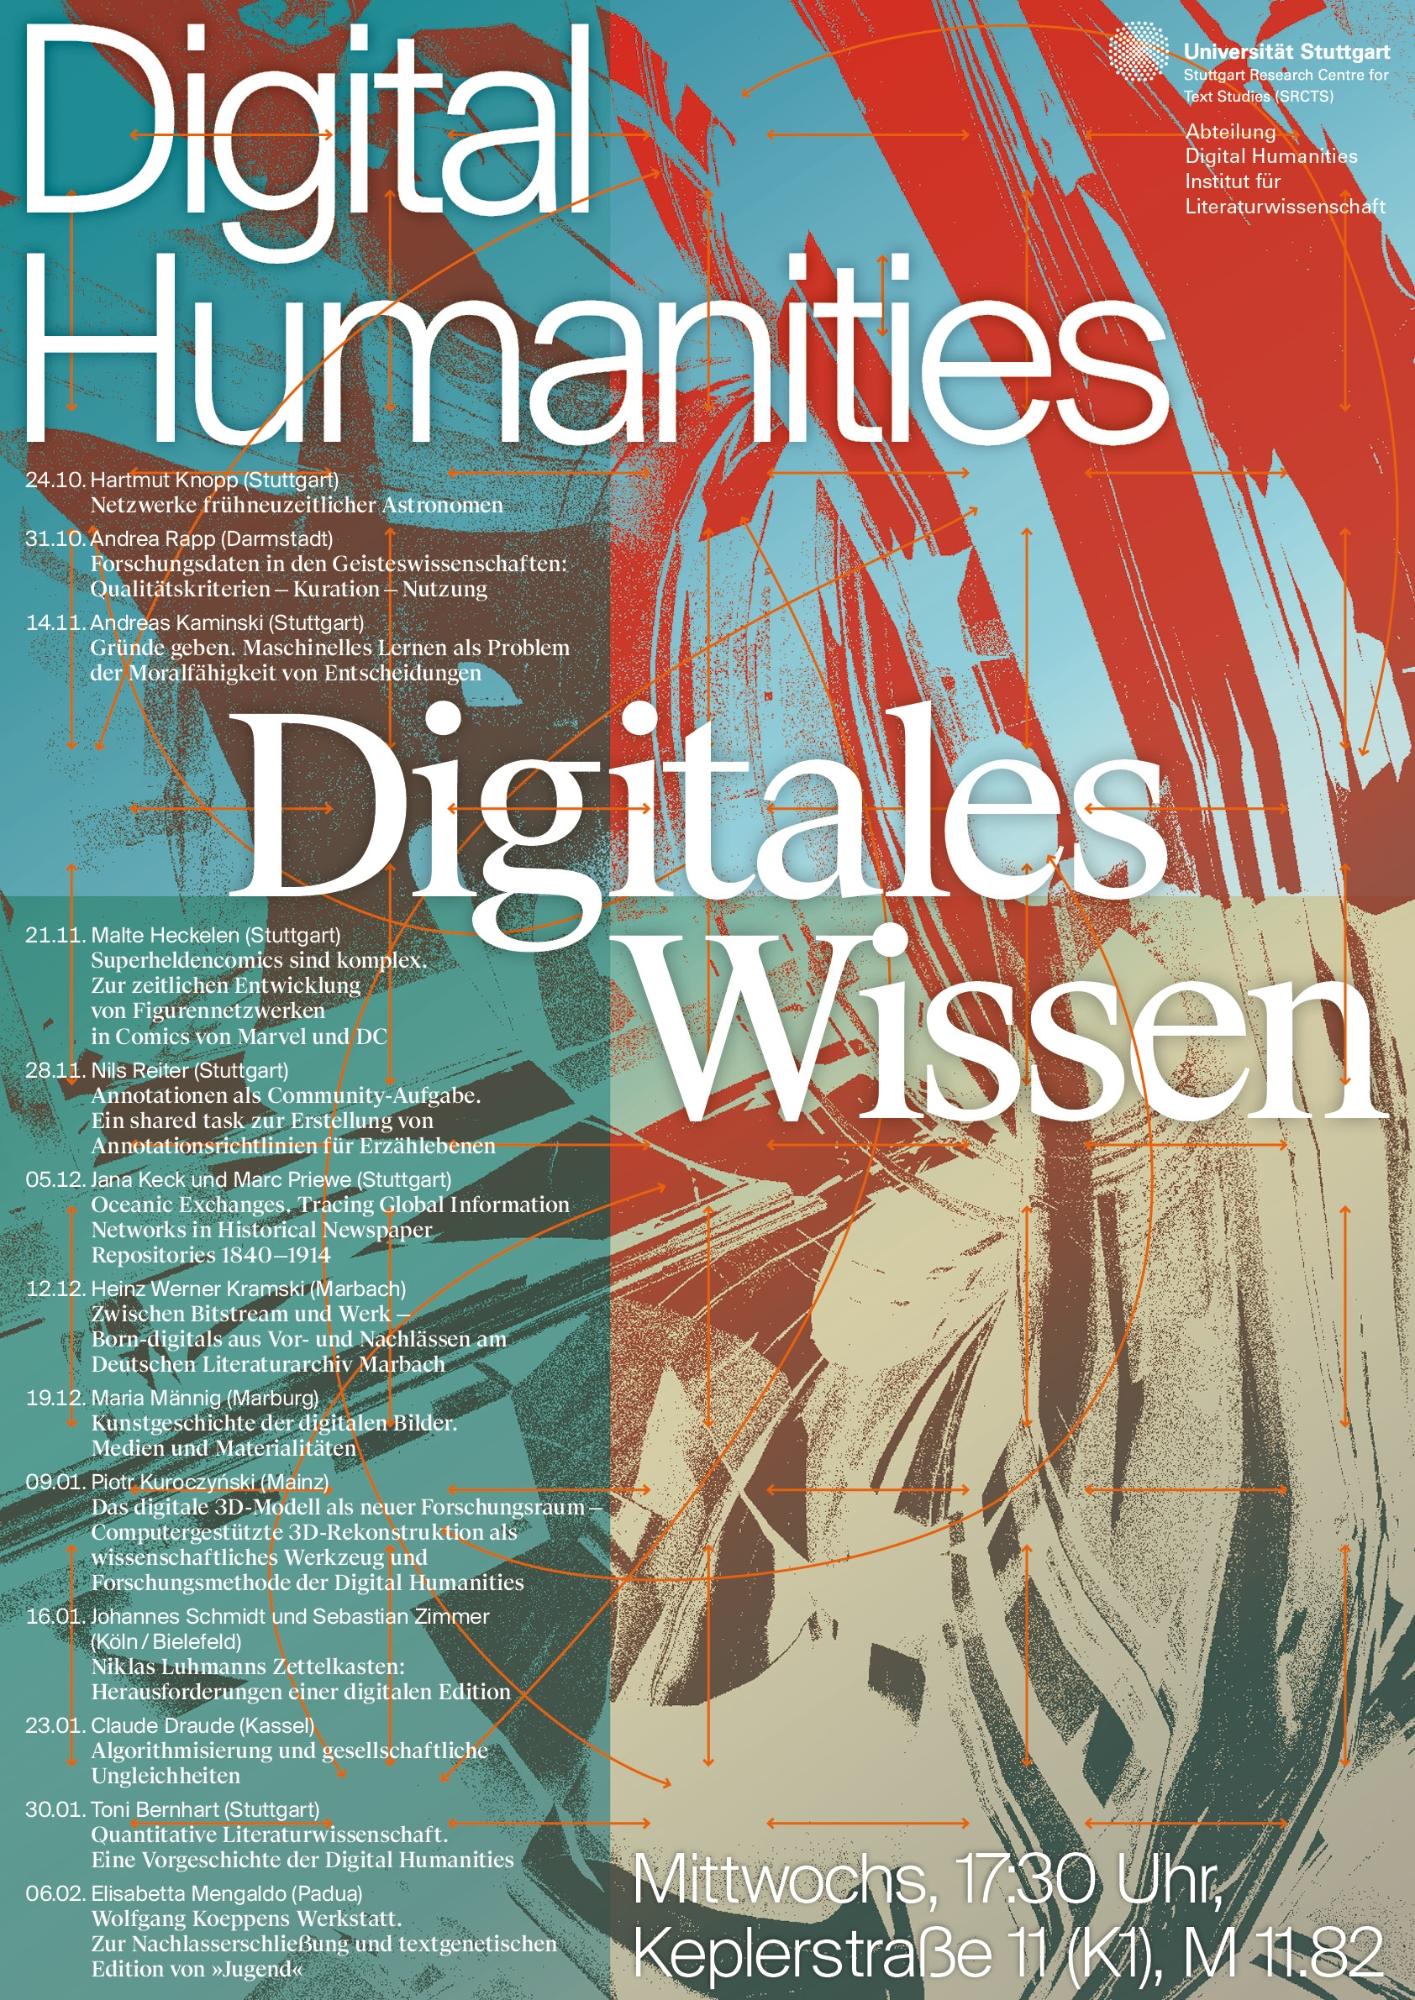 Poster_DigitalHumanities-DigitalesWissen_web_low